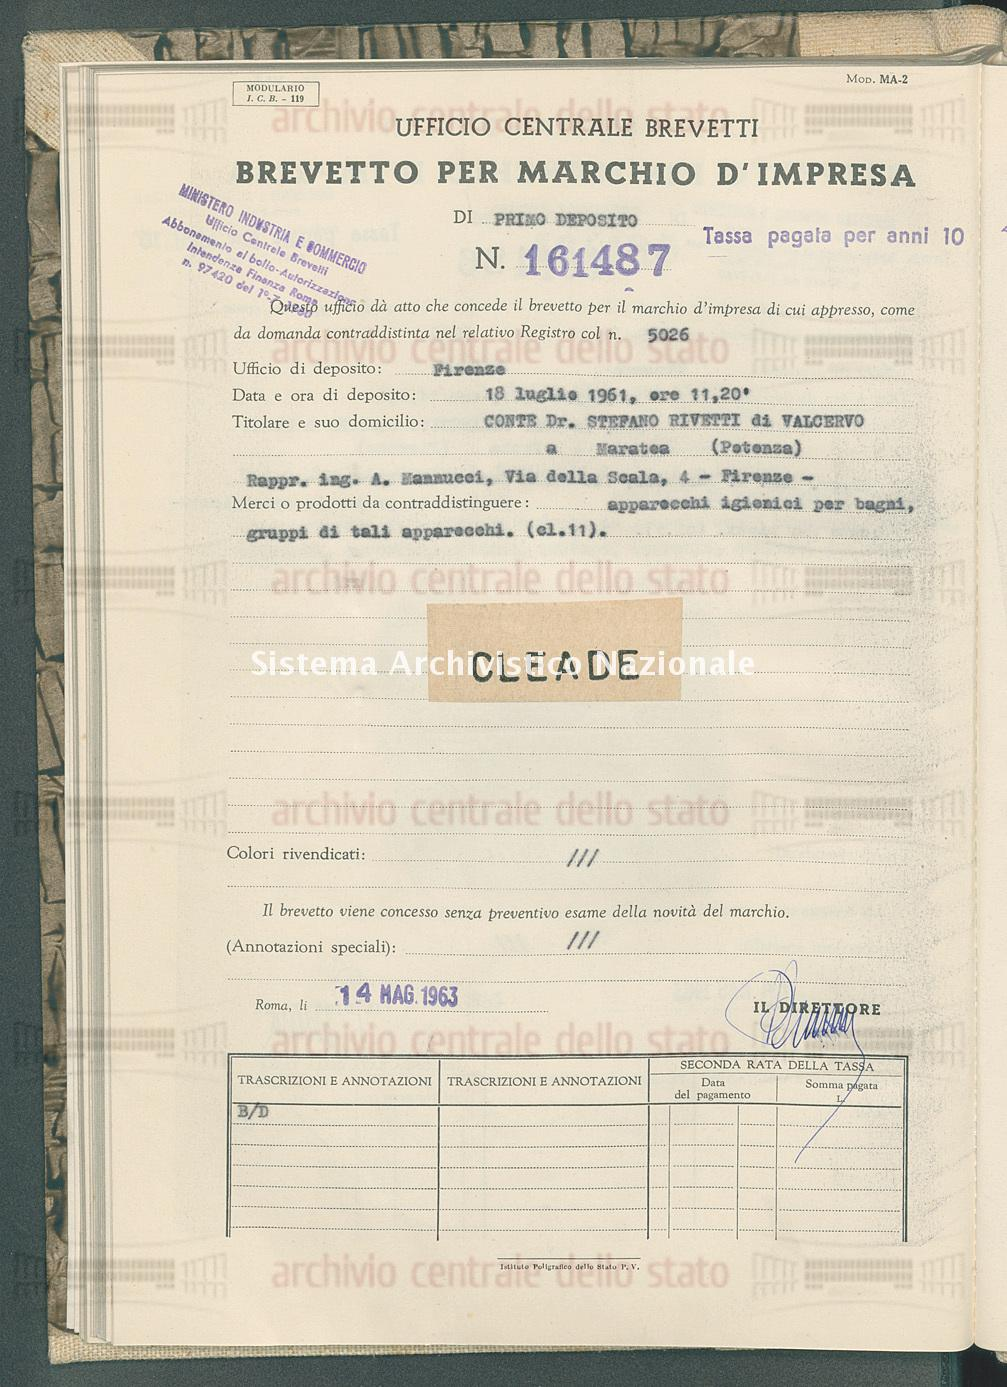 Apparecchi igienici per bagni ecc. Conte Dr. Stefano Rivetti Di Valcervo (14/05/1963)